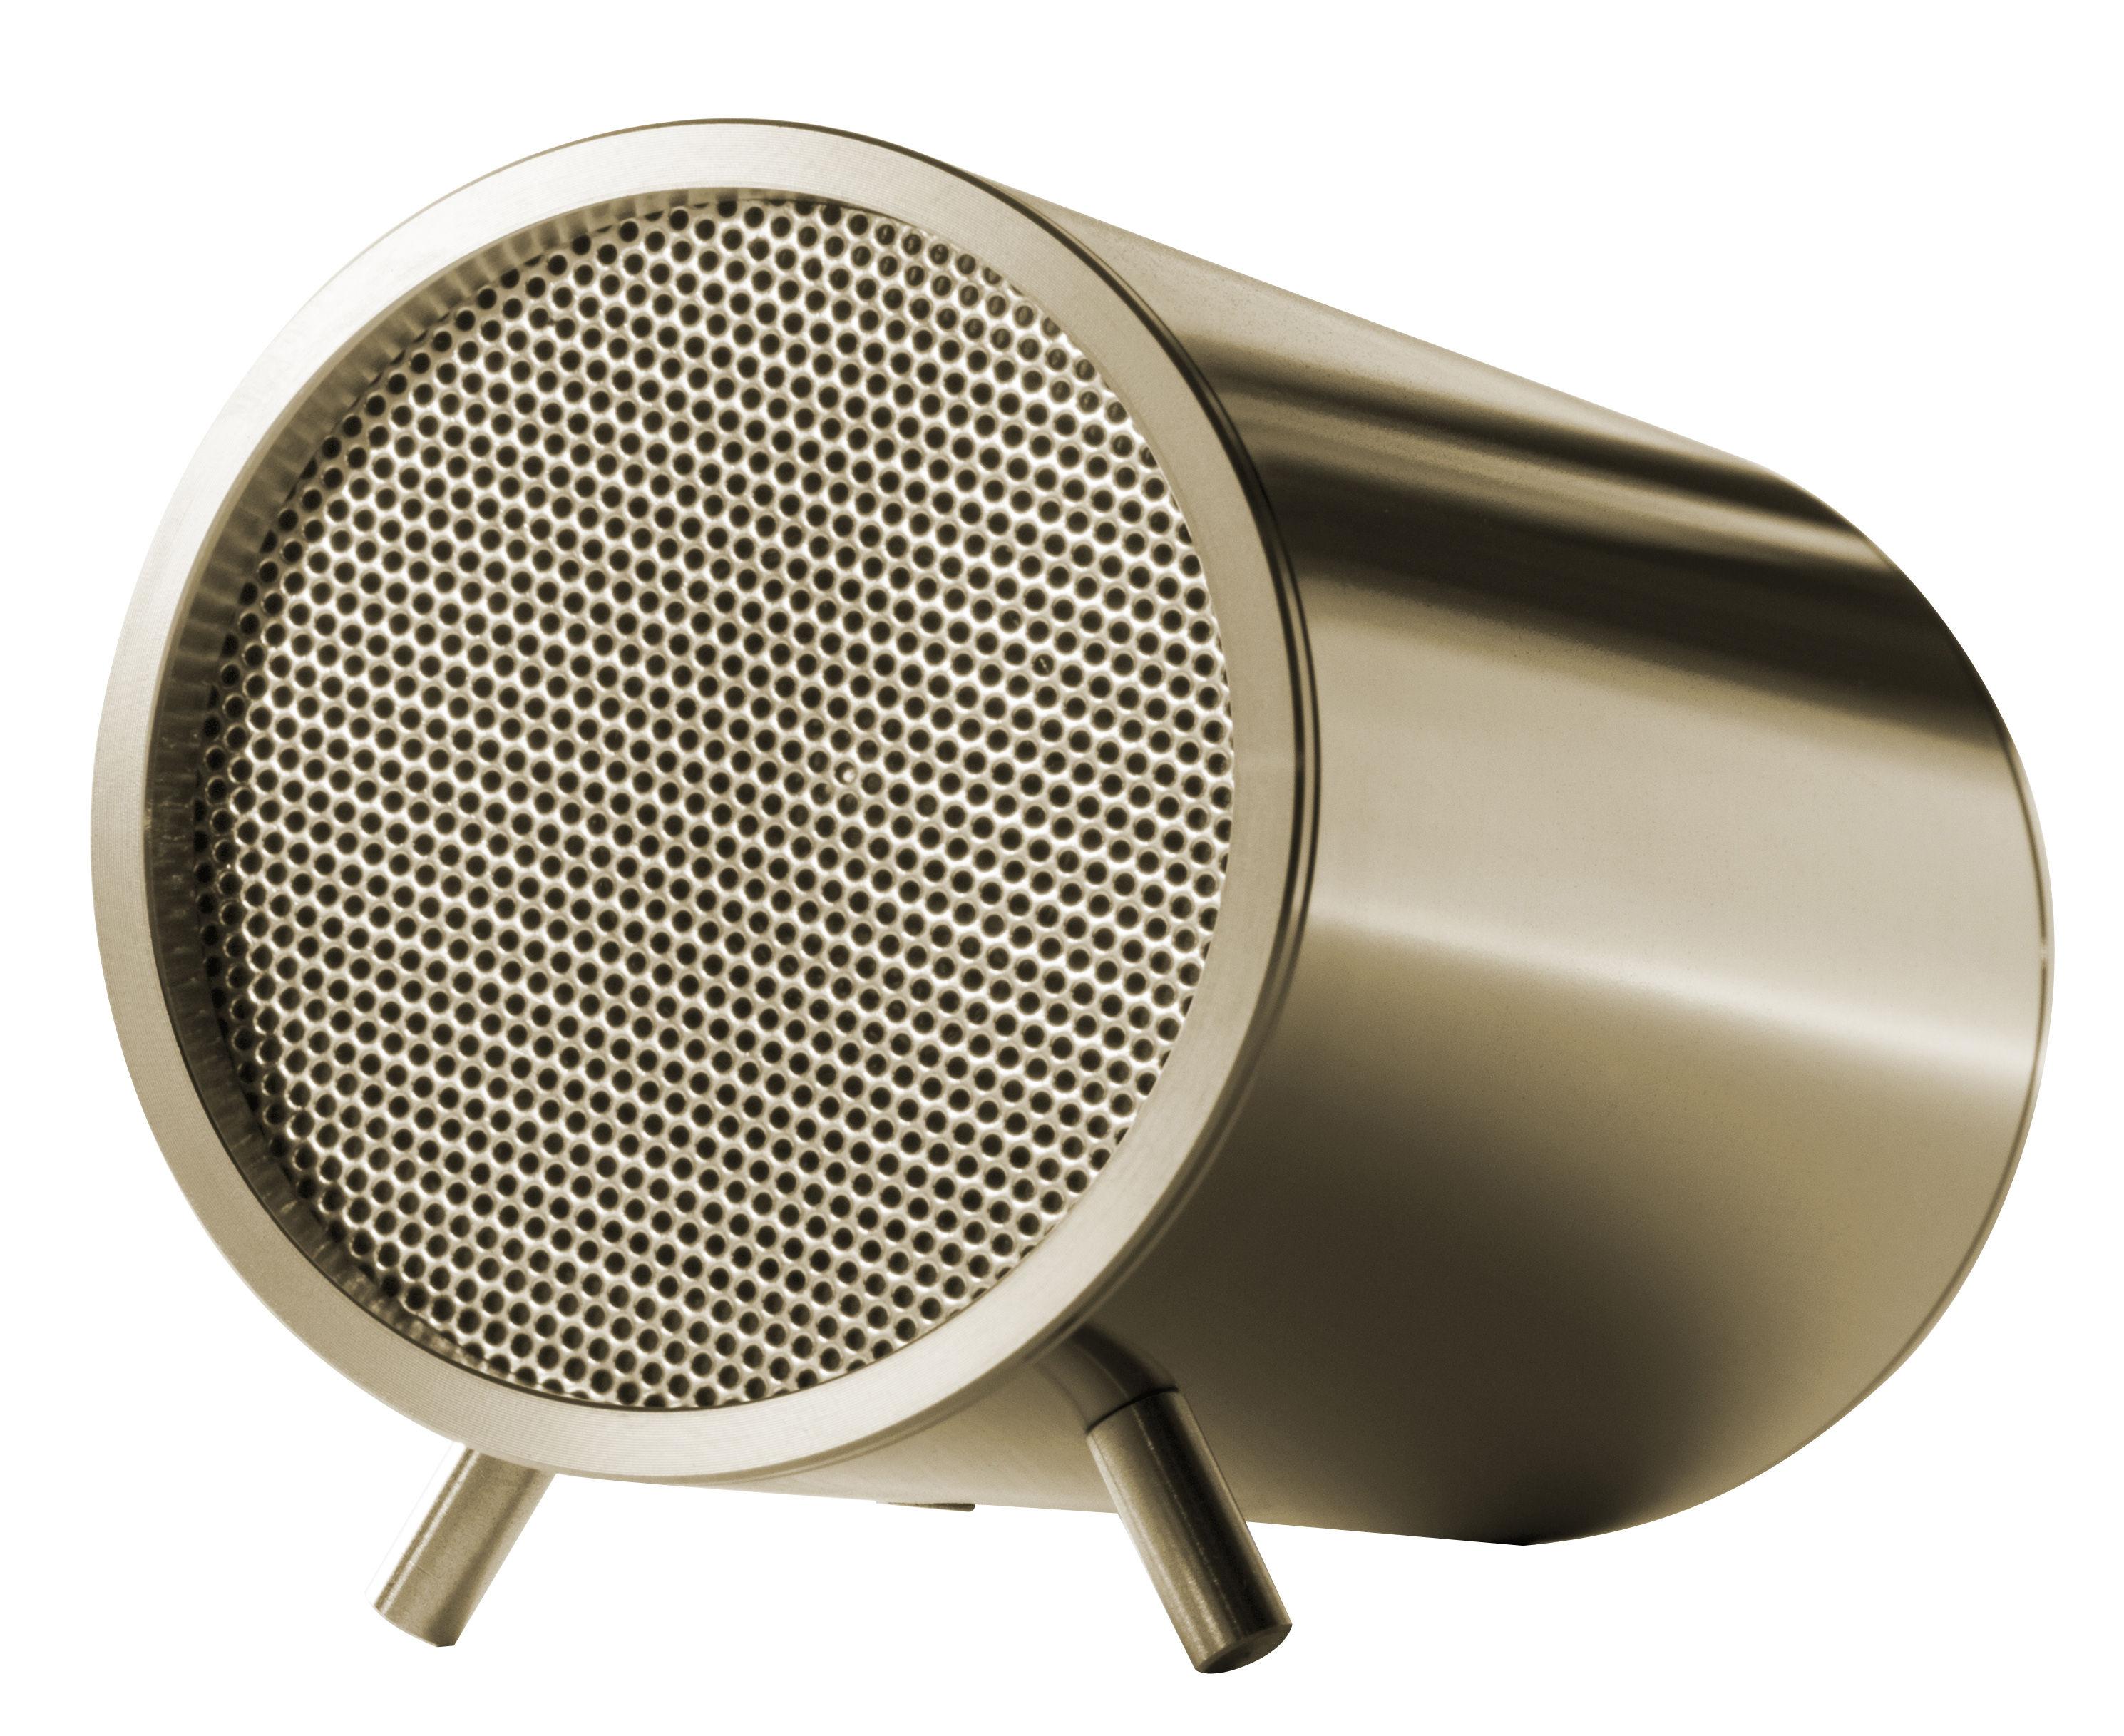 Fête des pères - Objets connectés - Haut-parleur Tube / Bluetooth - Ø 5 cm - LEFF amsterdam - Laiton - Acier inoxydable